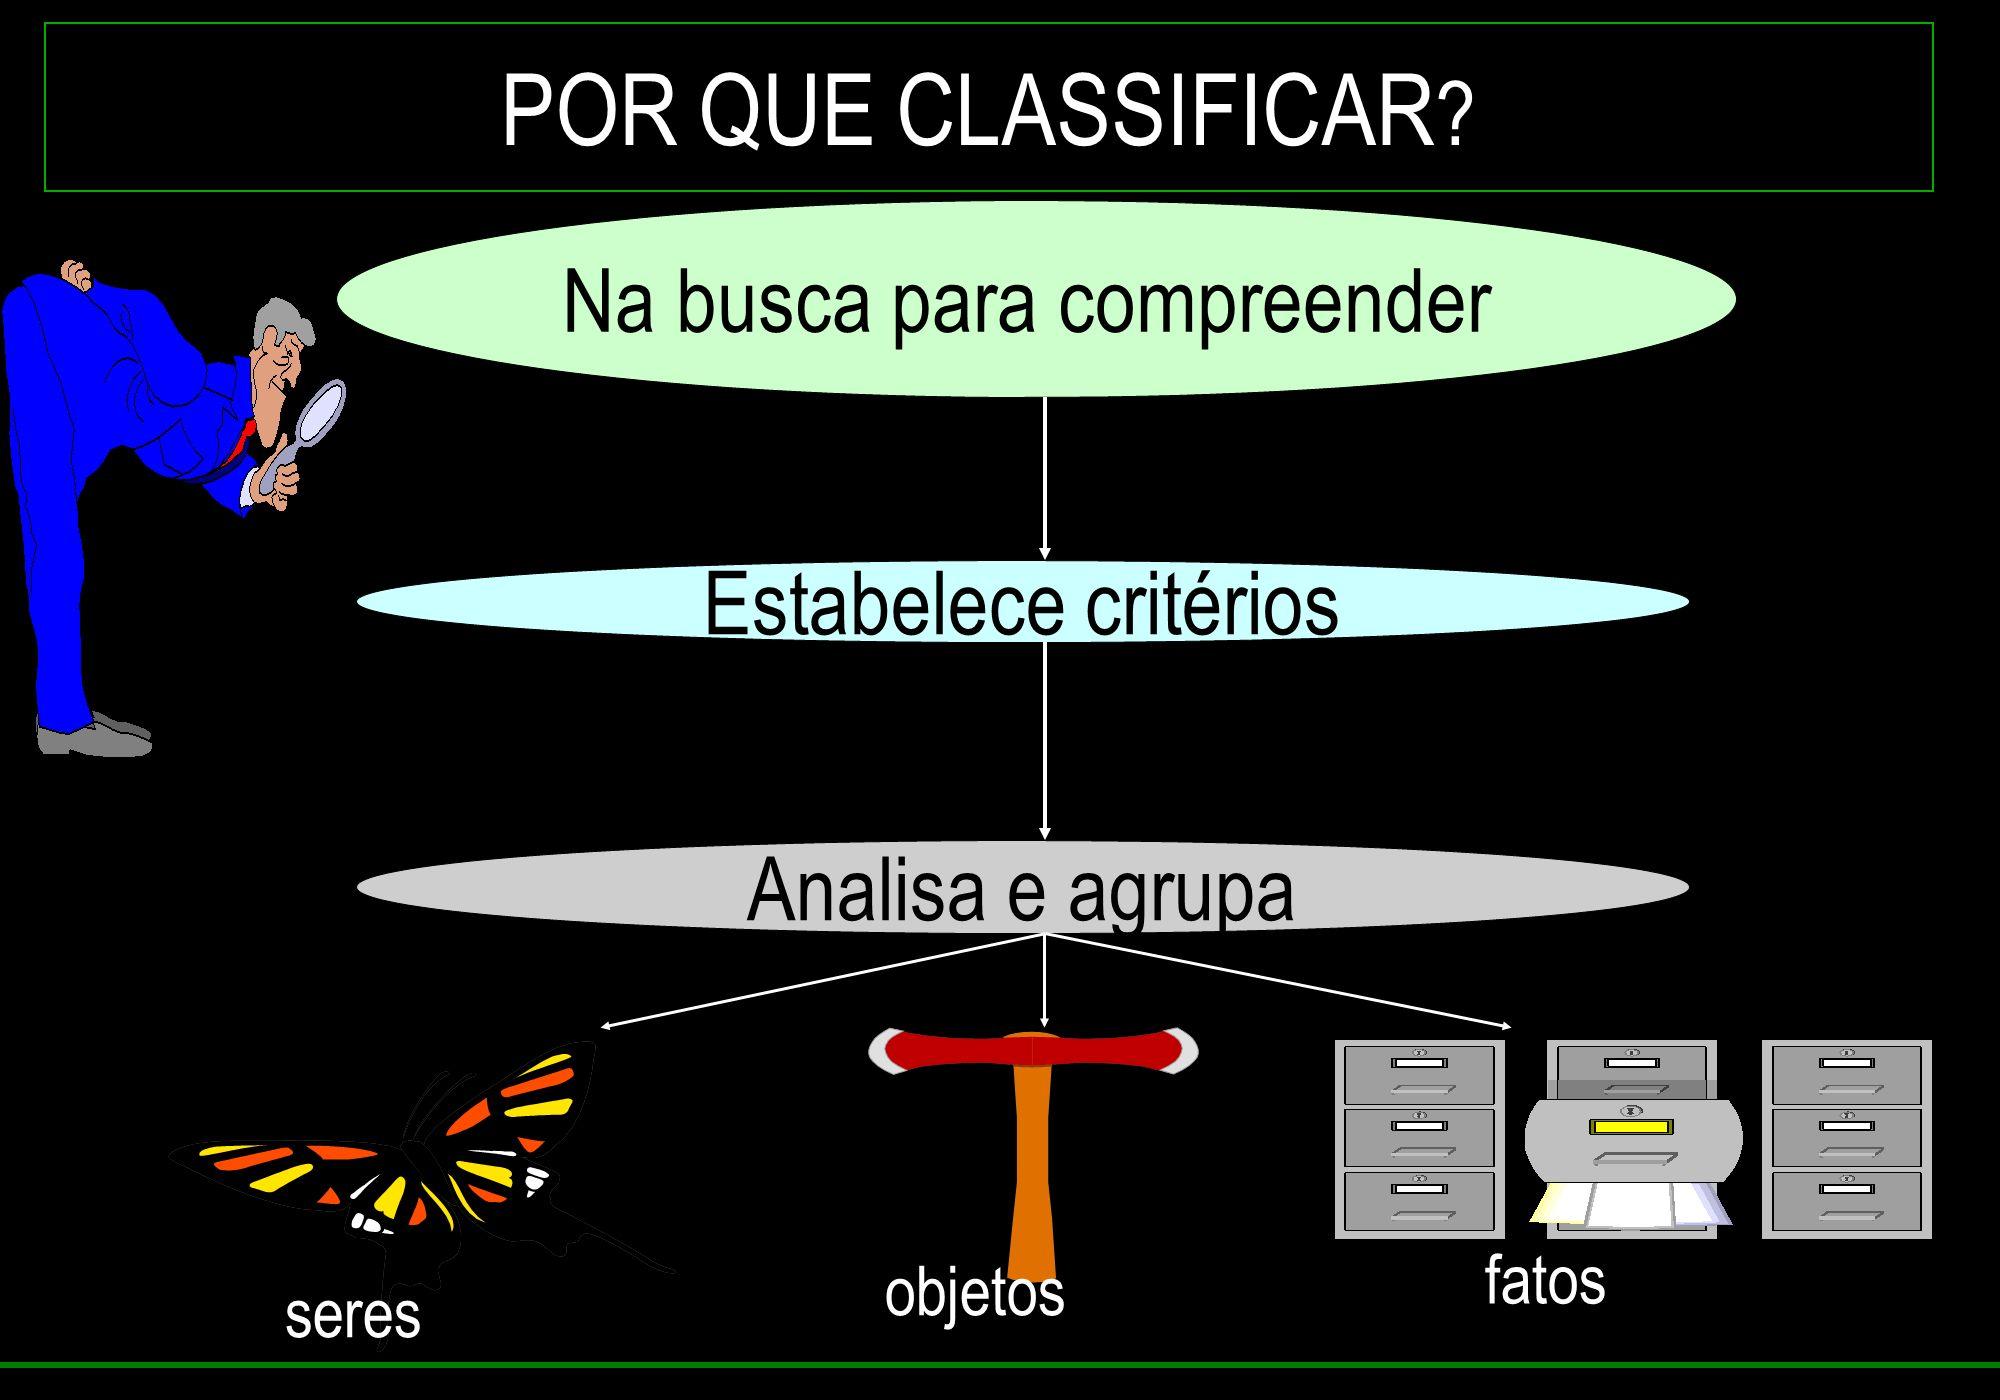 POR QUE CLASSIFICAR ? Na busca para compreender Estabelece critérios Analisa e agrupa seres objetos fatos